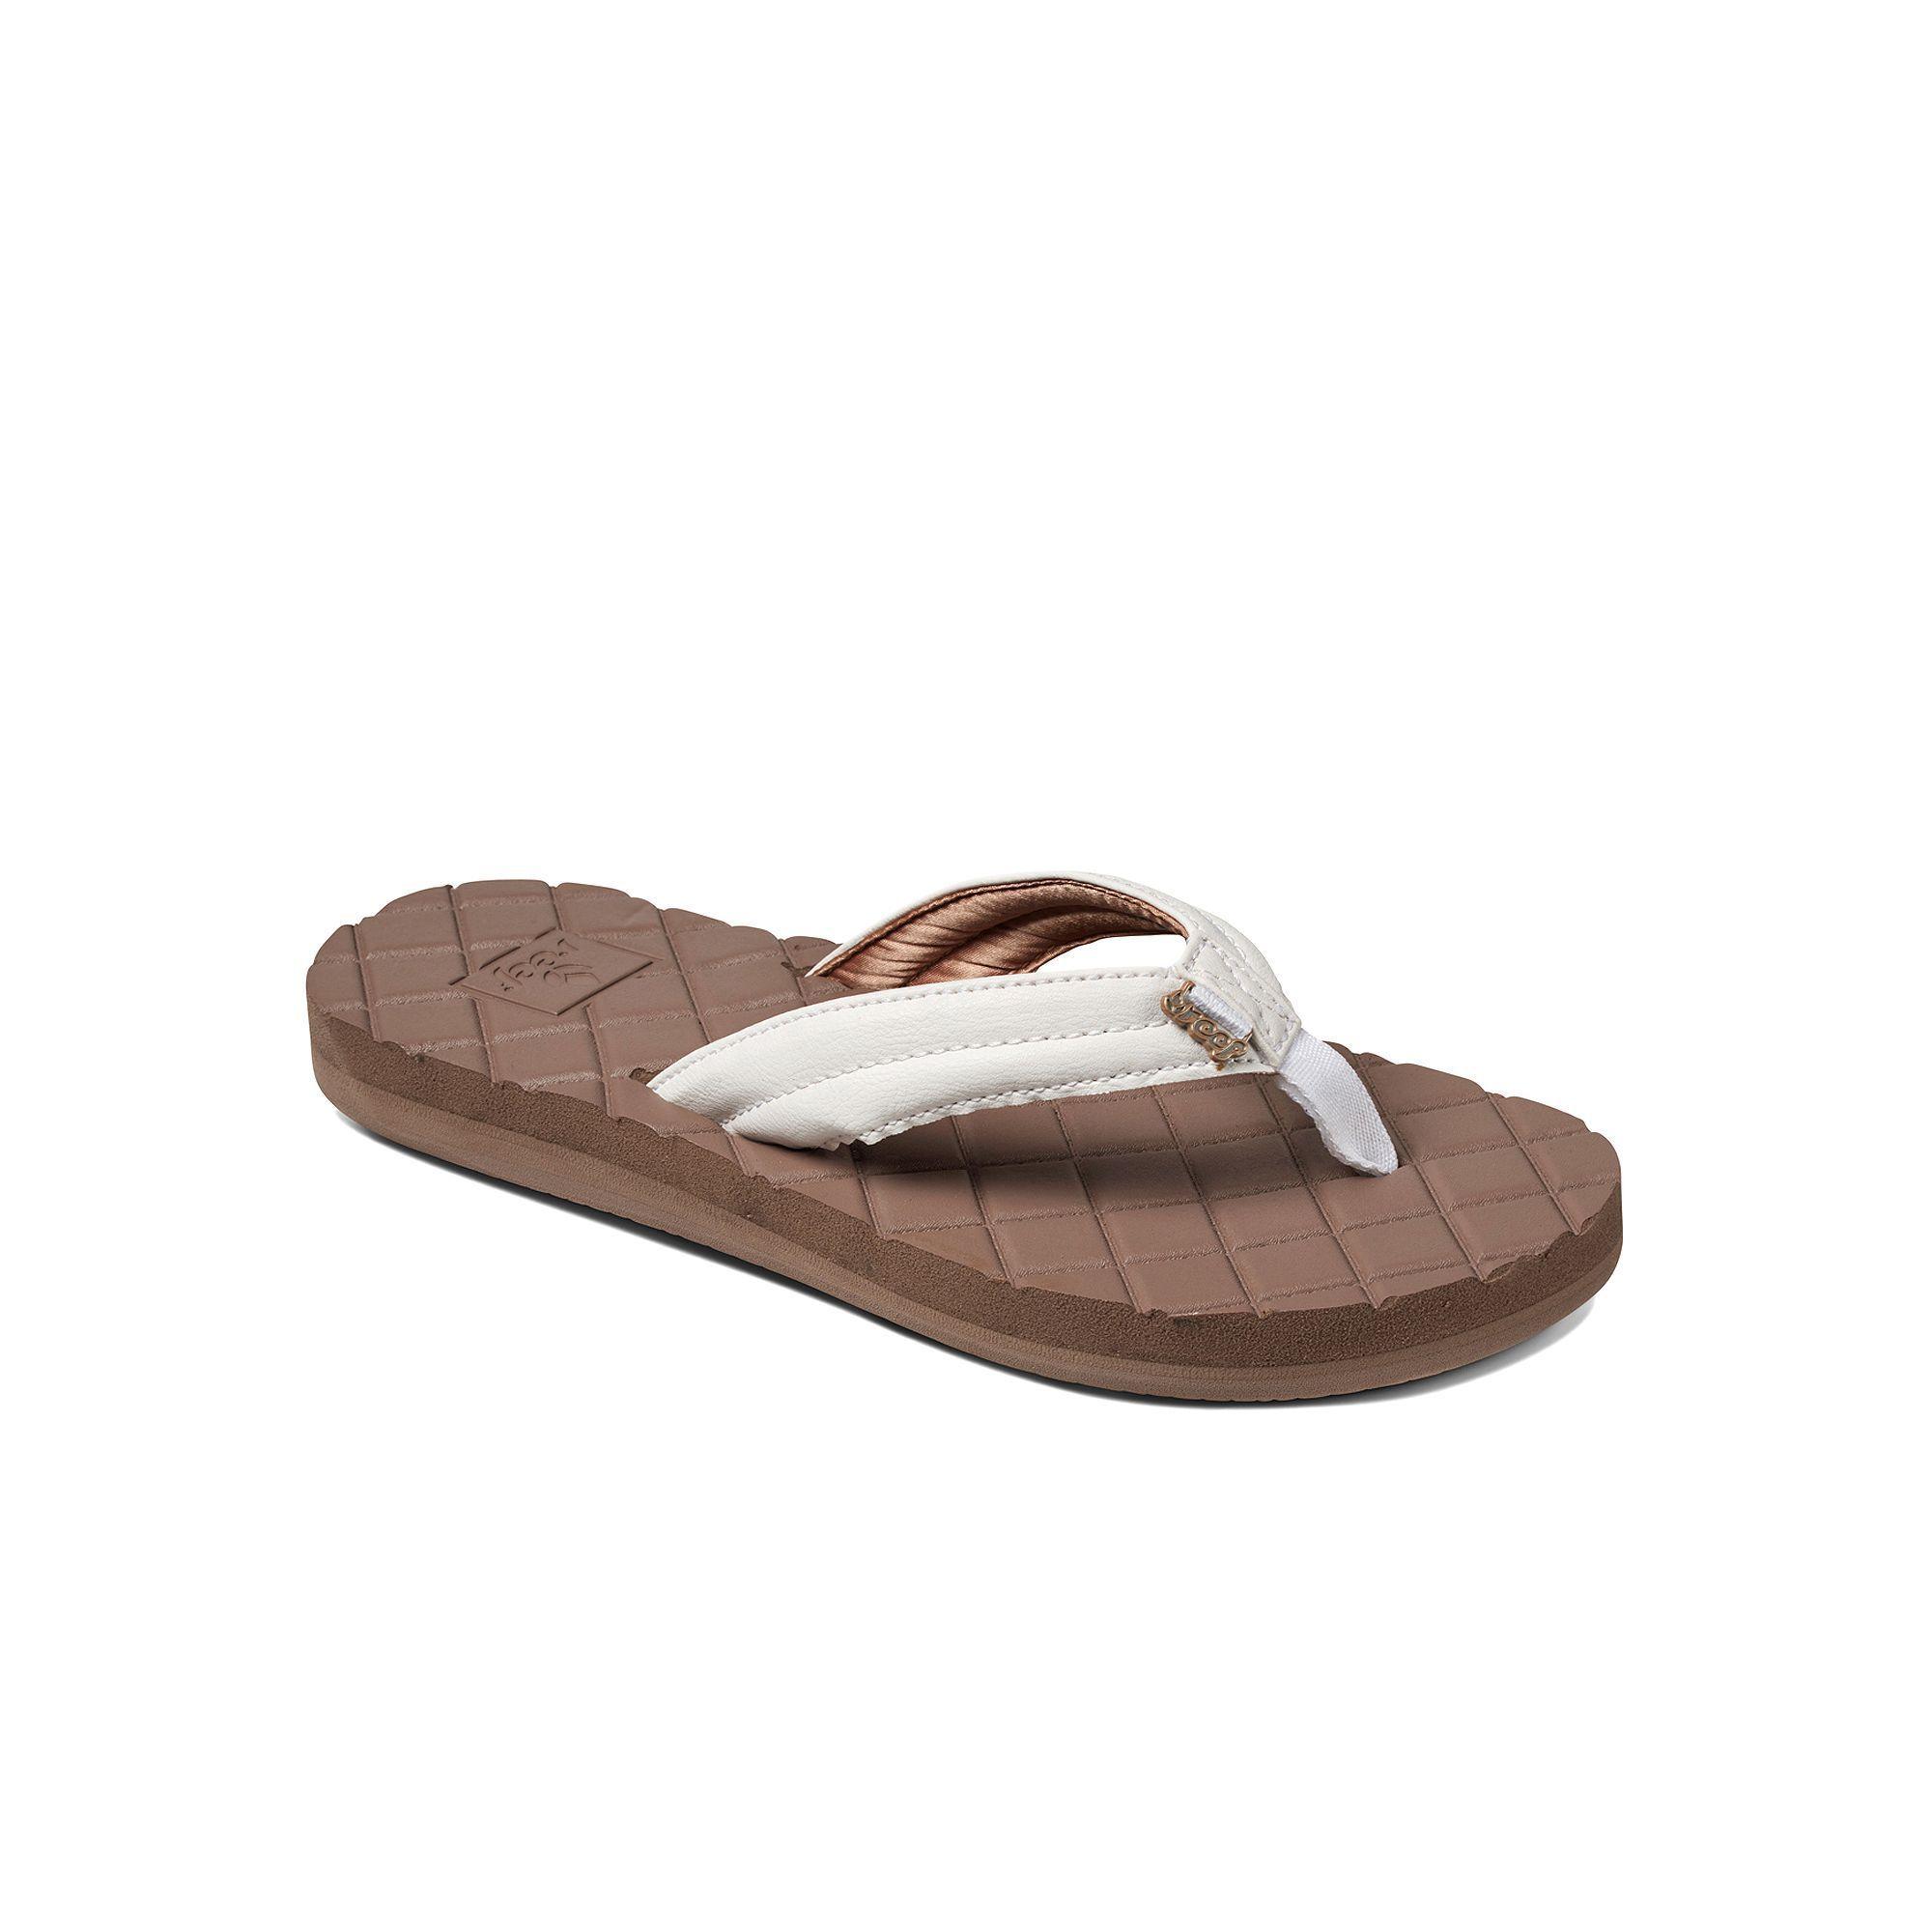 Black sandals size 11 - Black Sandals Size 11 15